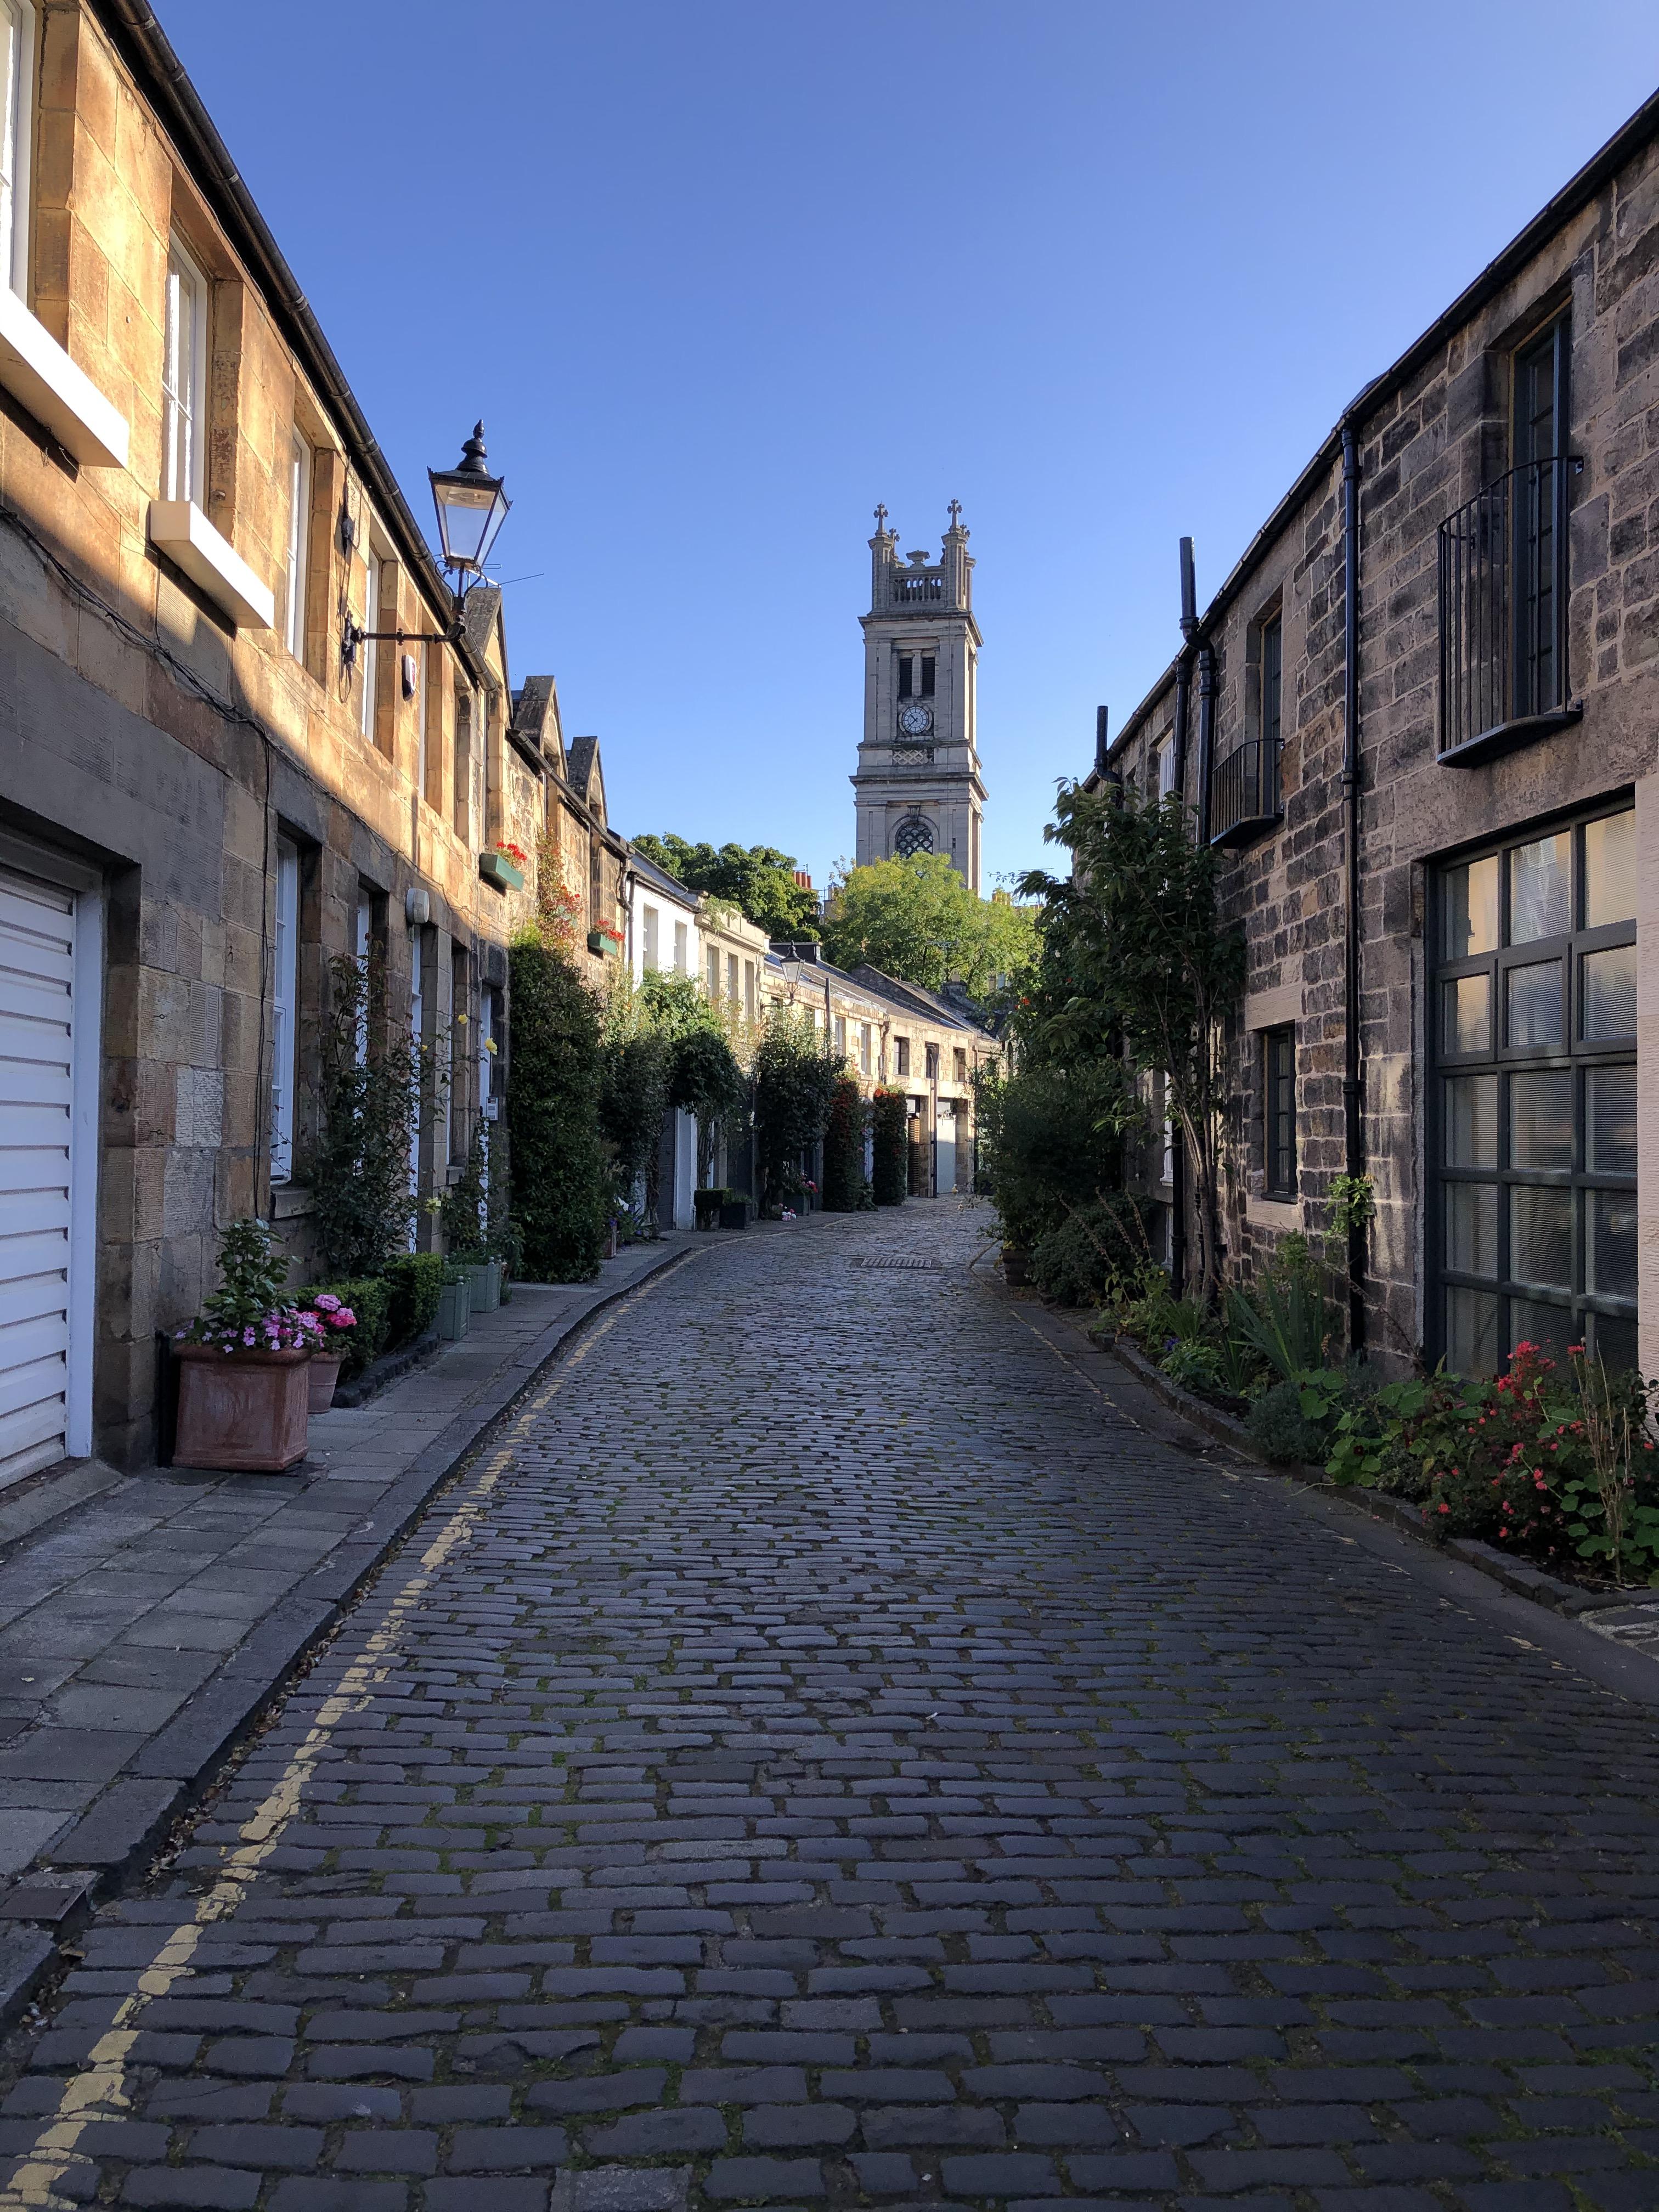 liznylon-around-edinburgh-charming-mews-street-circus-lane